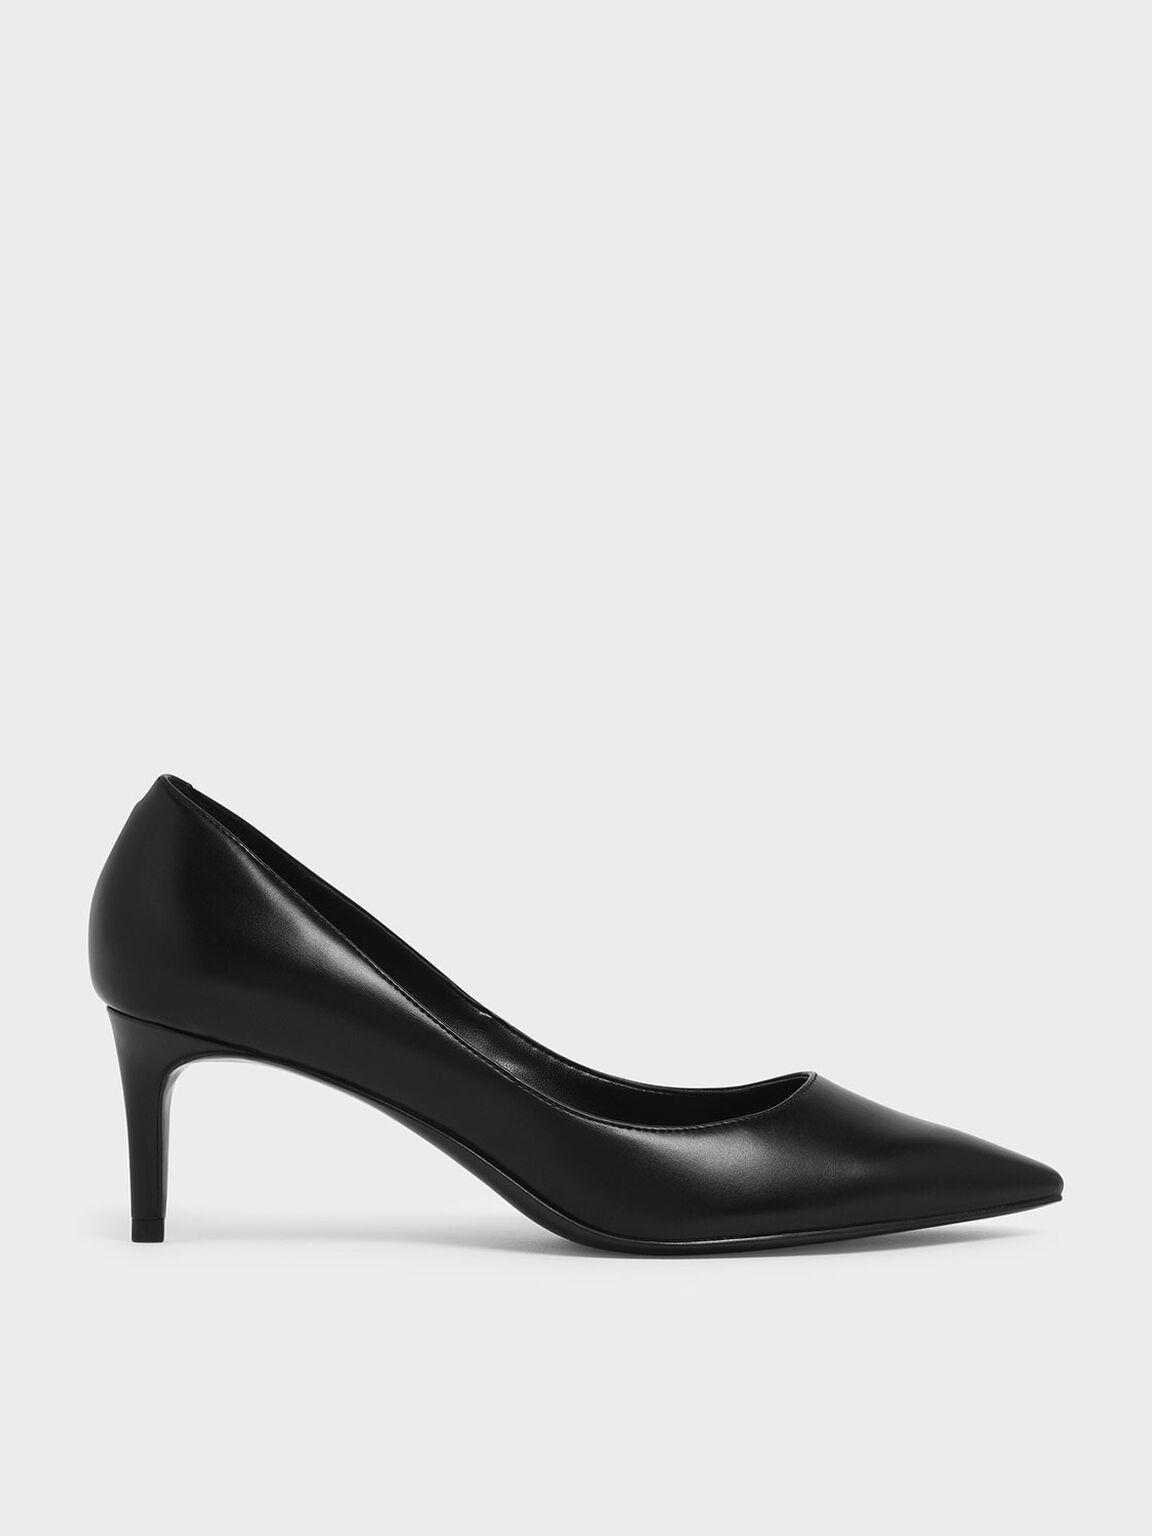 Classic Pointed Toe Pumps, Black, hi-res